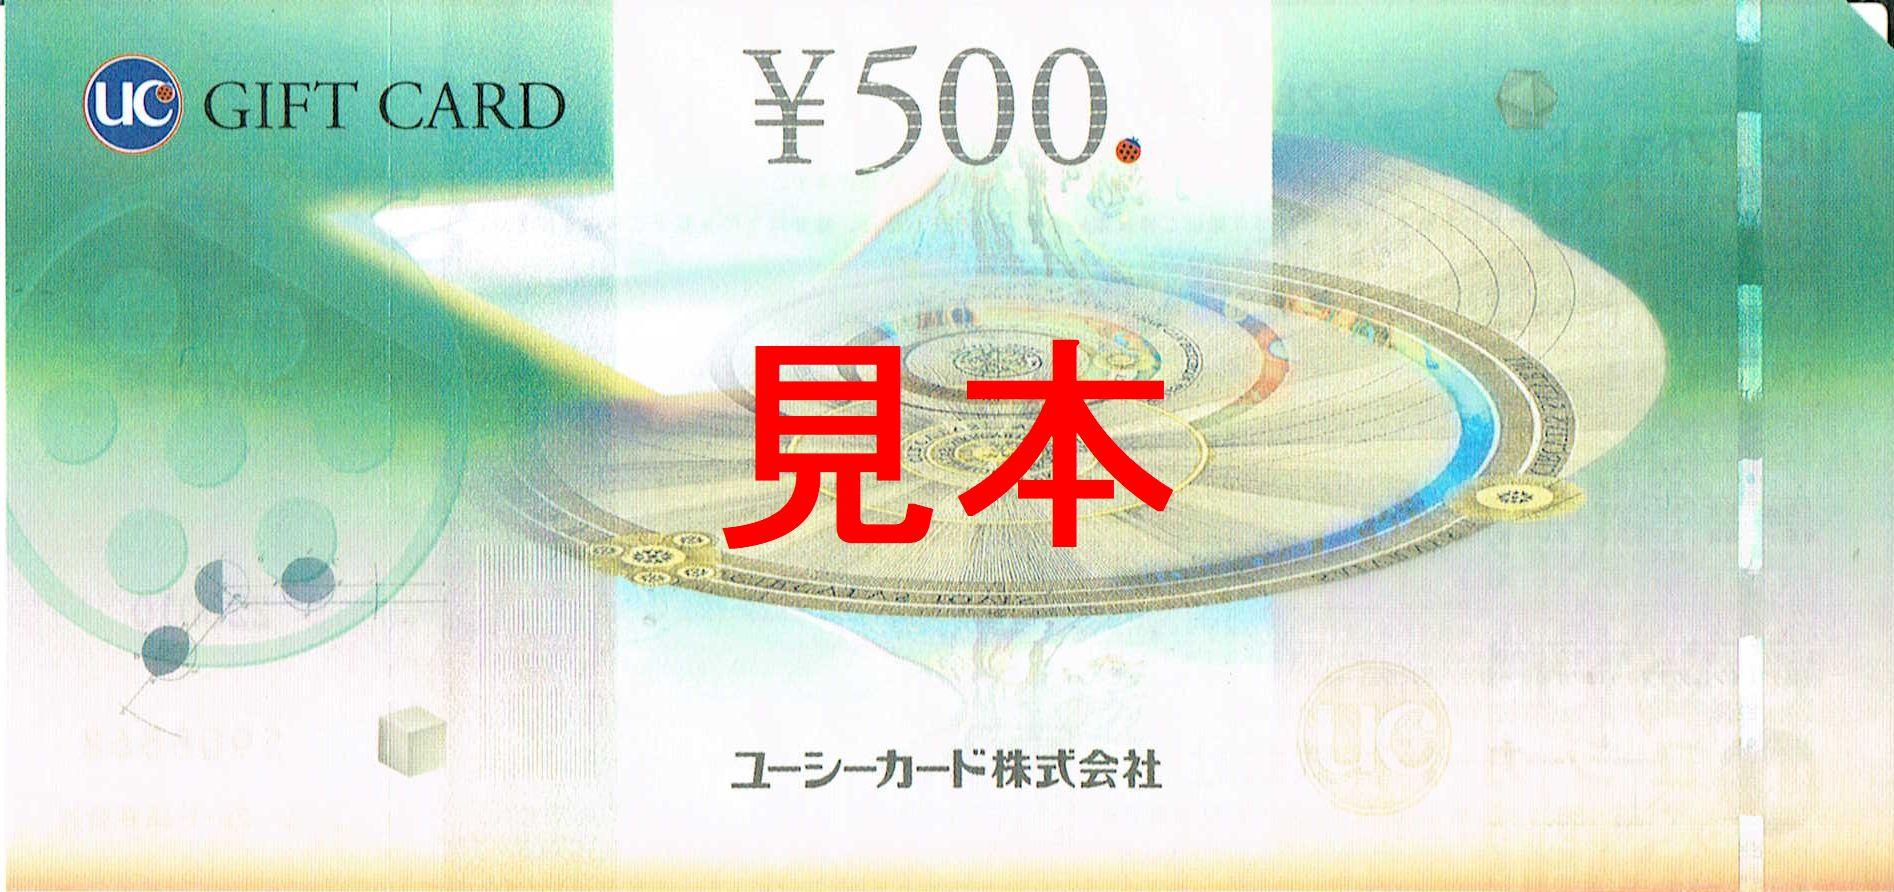 商品名「商品券・金券」「UCギフトカード500円」